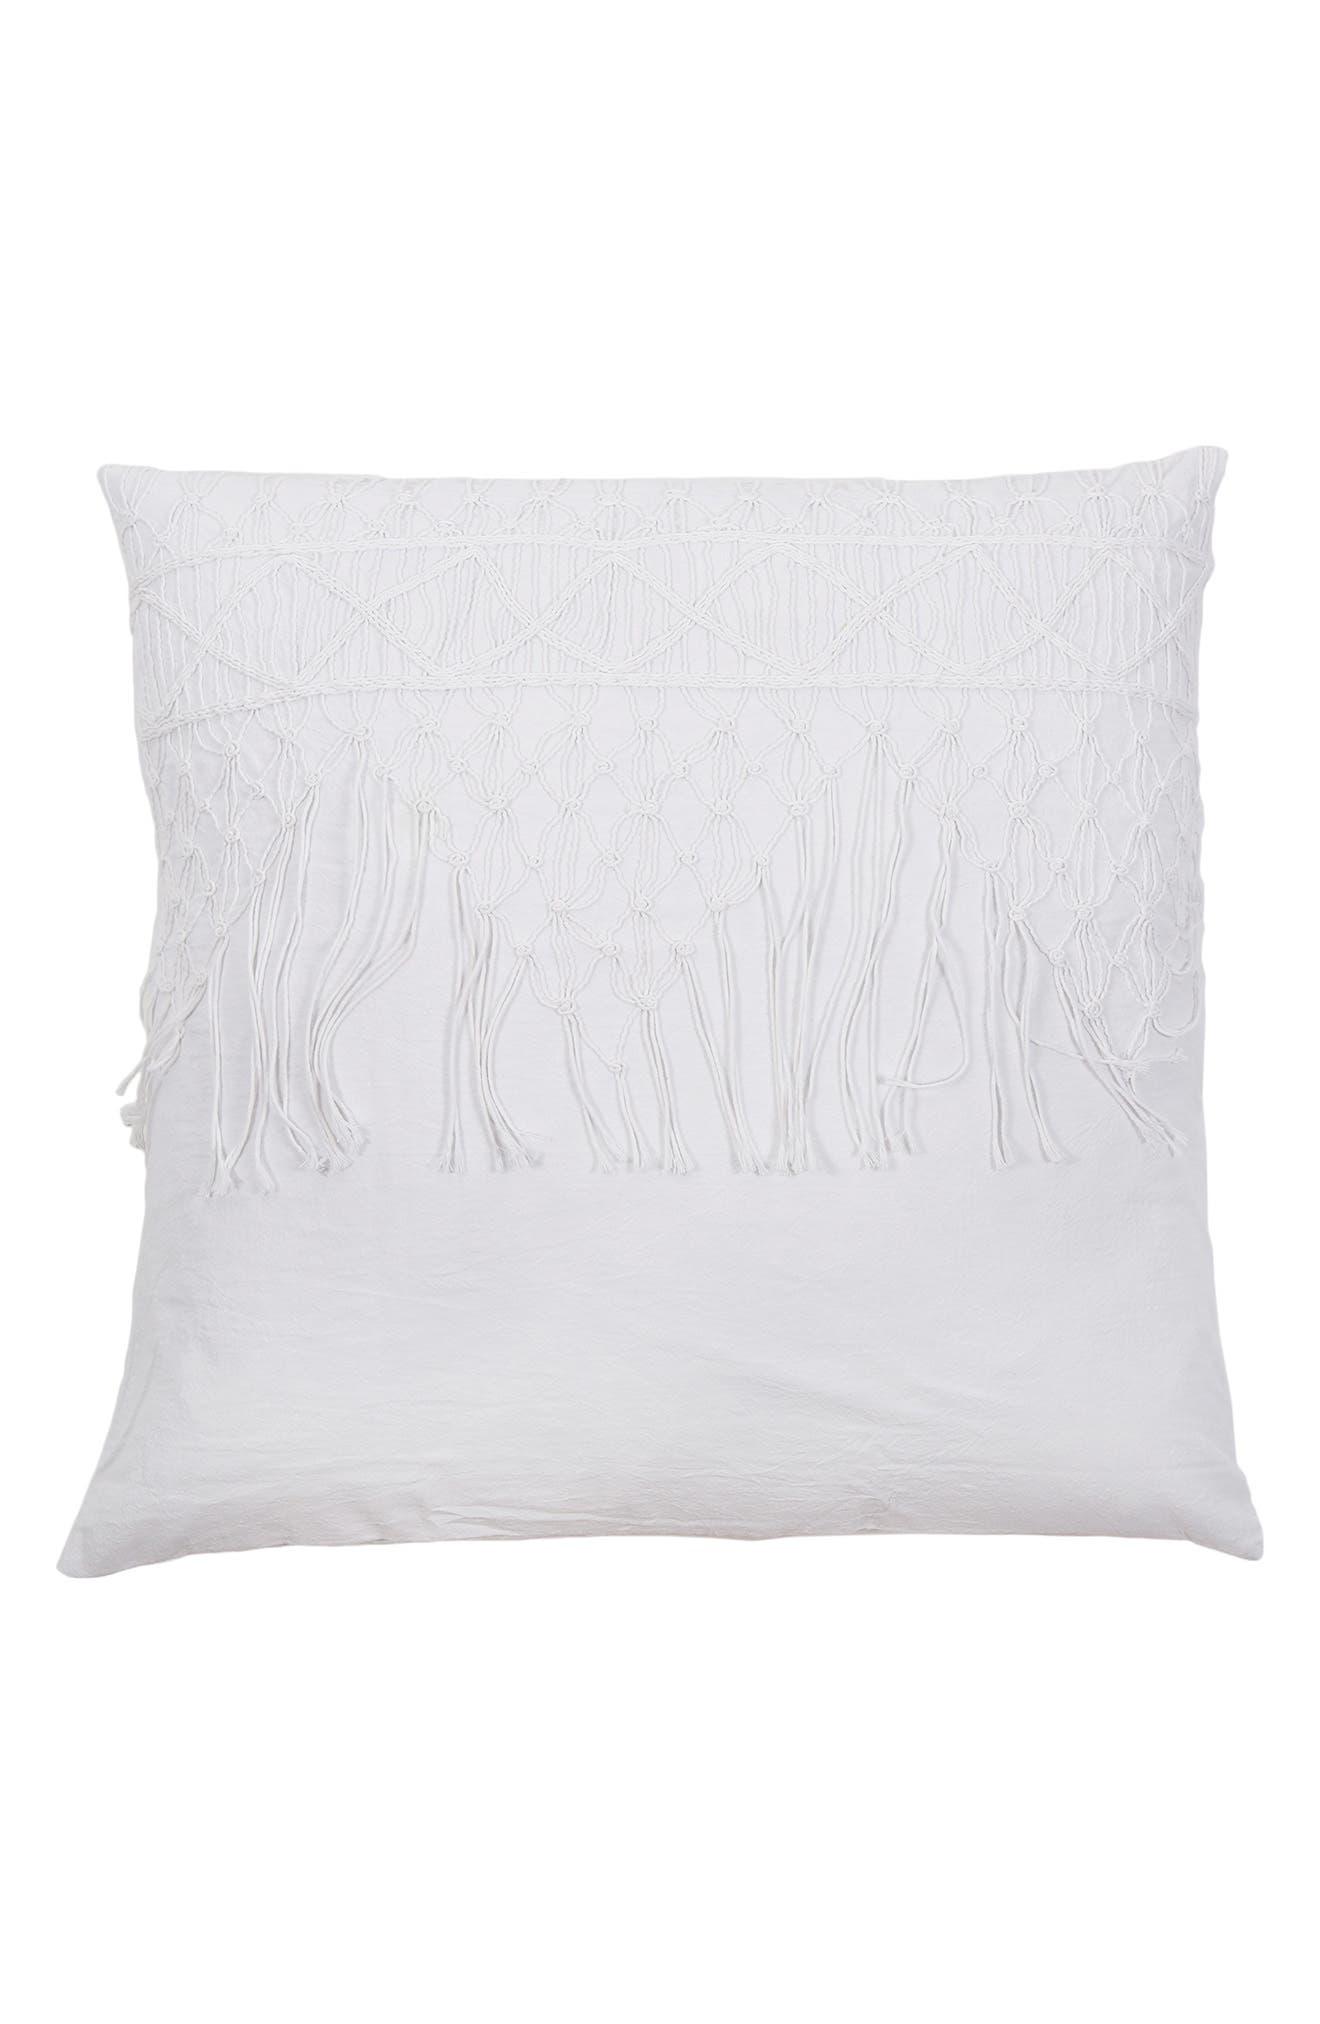 Zoe Accent Pillow Sham,                             Main thumbnail 1, color,                             100